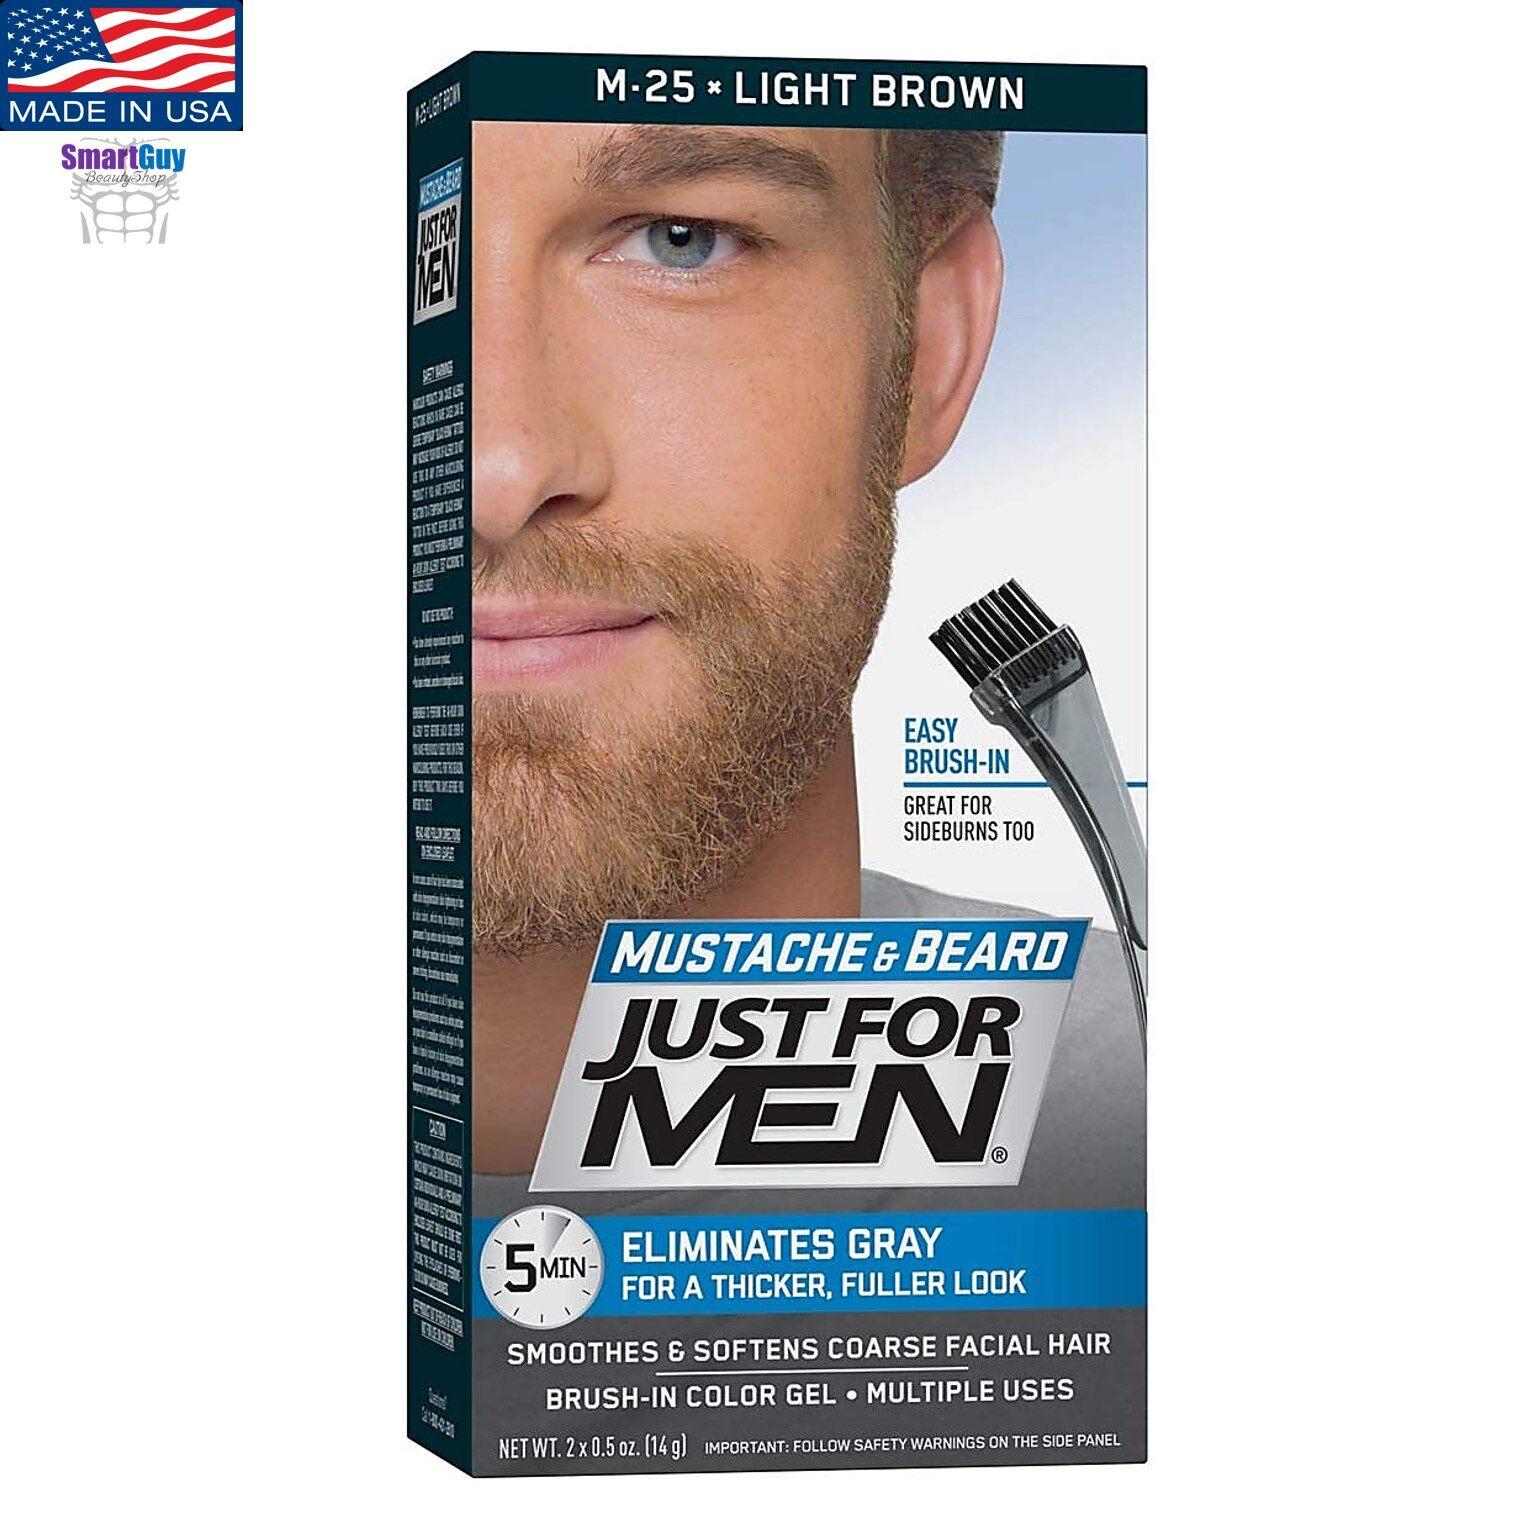 Just For Men Moustache & Beard M25 Light Brown 14g. ครีมเปลี่ยนสีหนวดเคราคิ้วสำหรับผู้ชาย สินค้านำเข้าจากสหรัฐอเมริกา สีน้ำตาลสว่างธรรมชาติ.